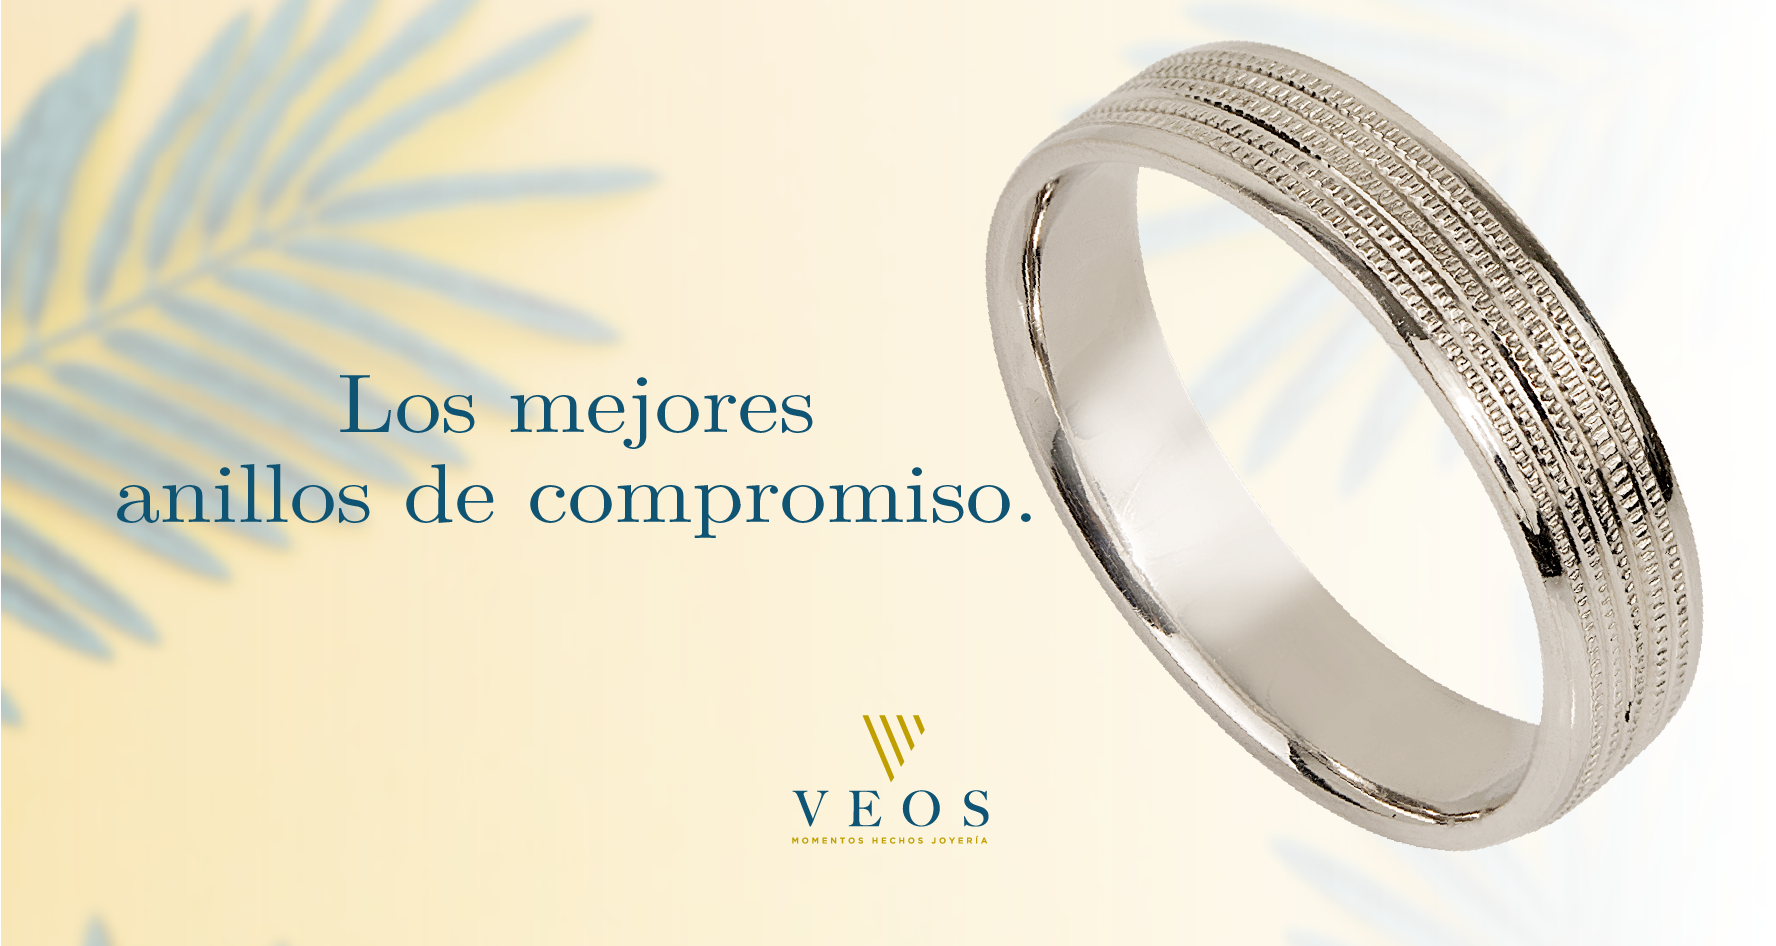 Los mejores anillos de compromiso